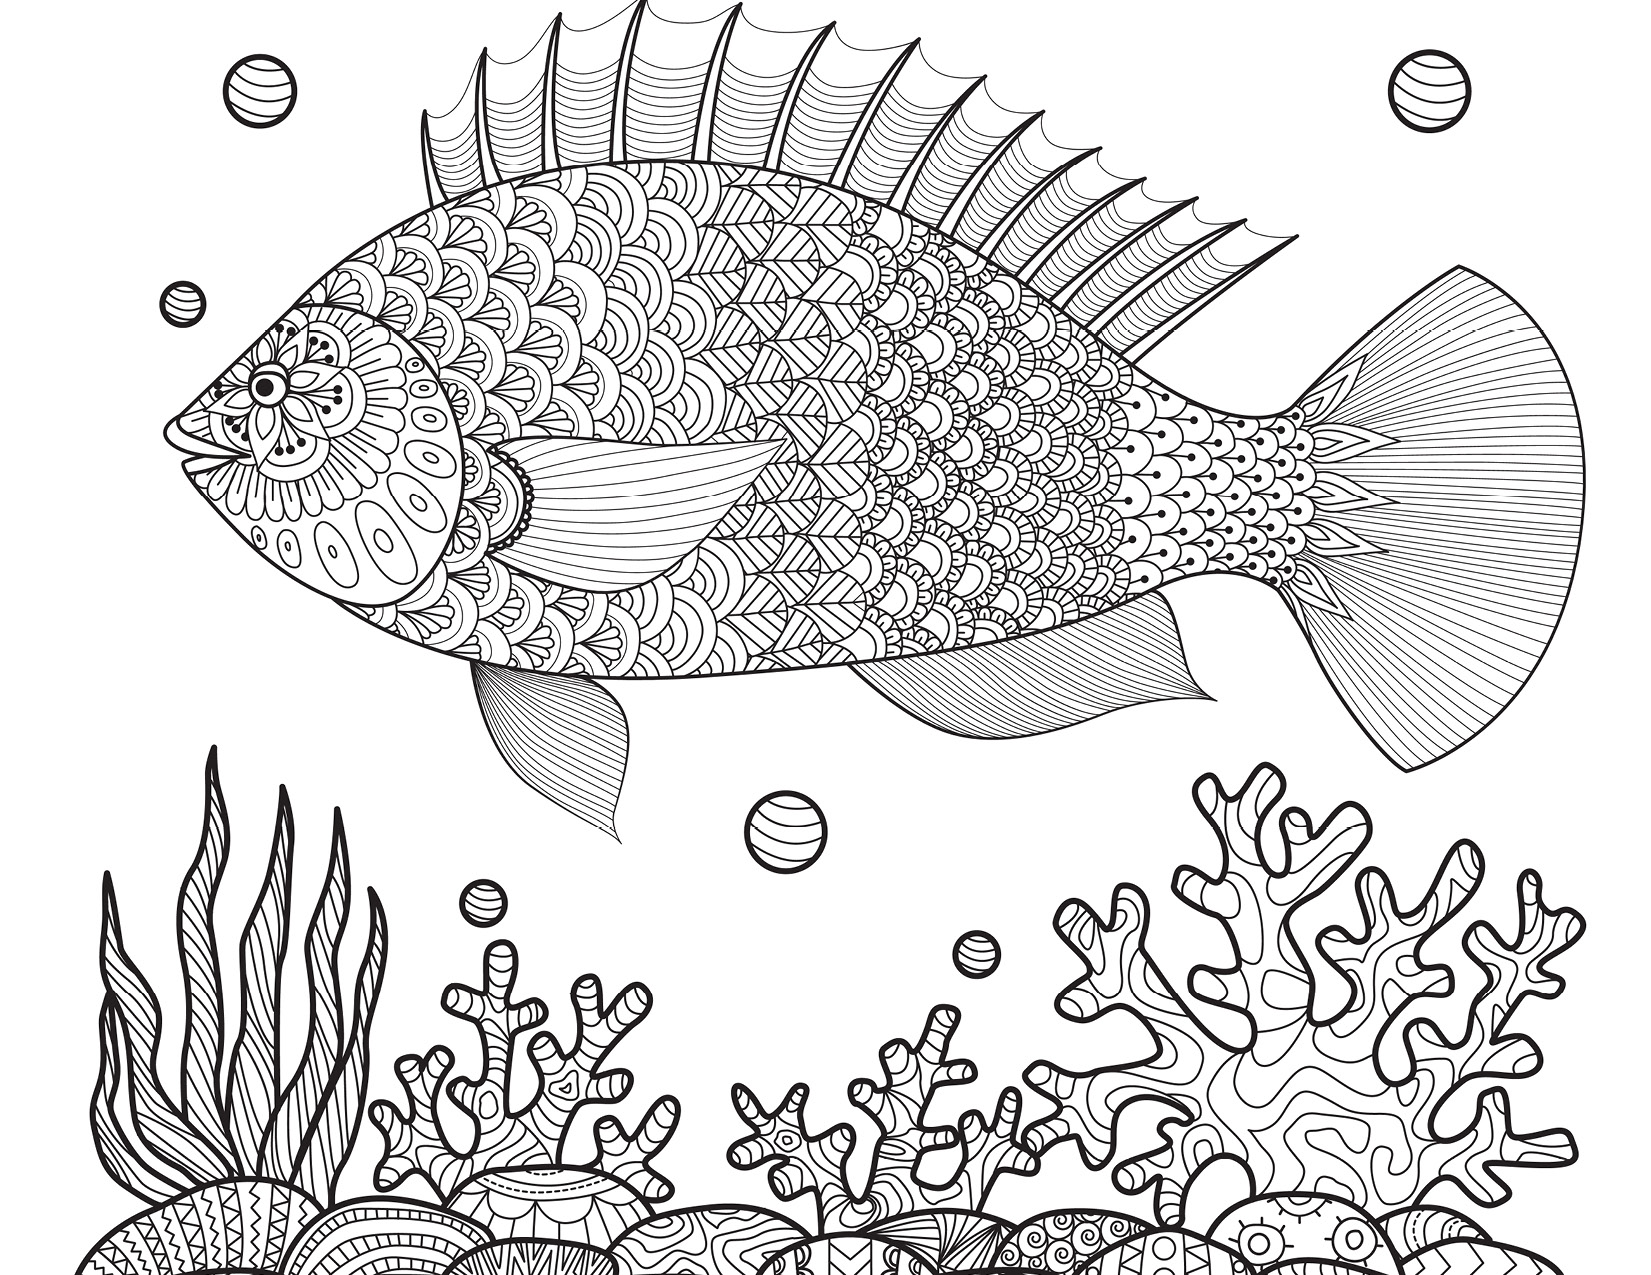 Dessin poisson coloriages t imprimer gratuitement - Coloriage de poisson a imprimer ...